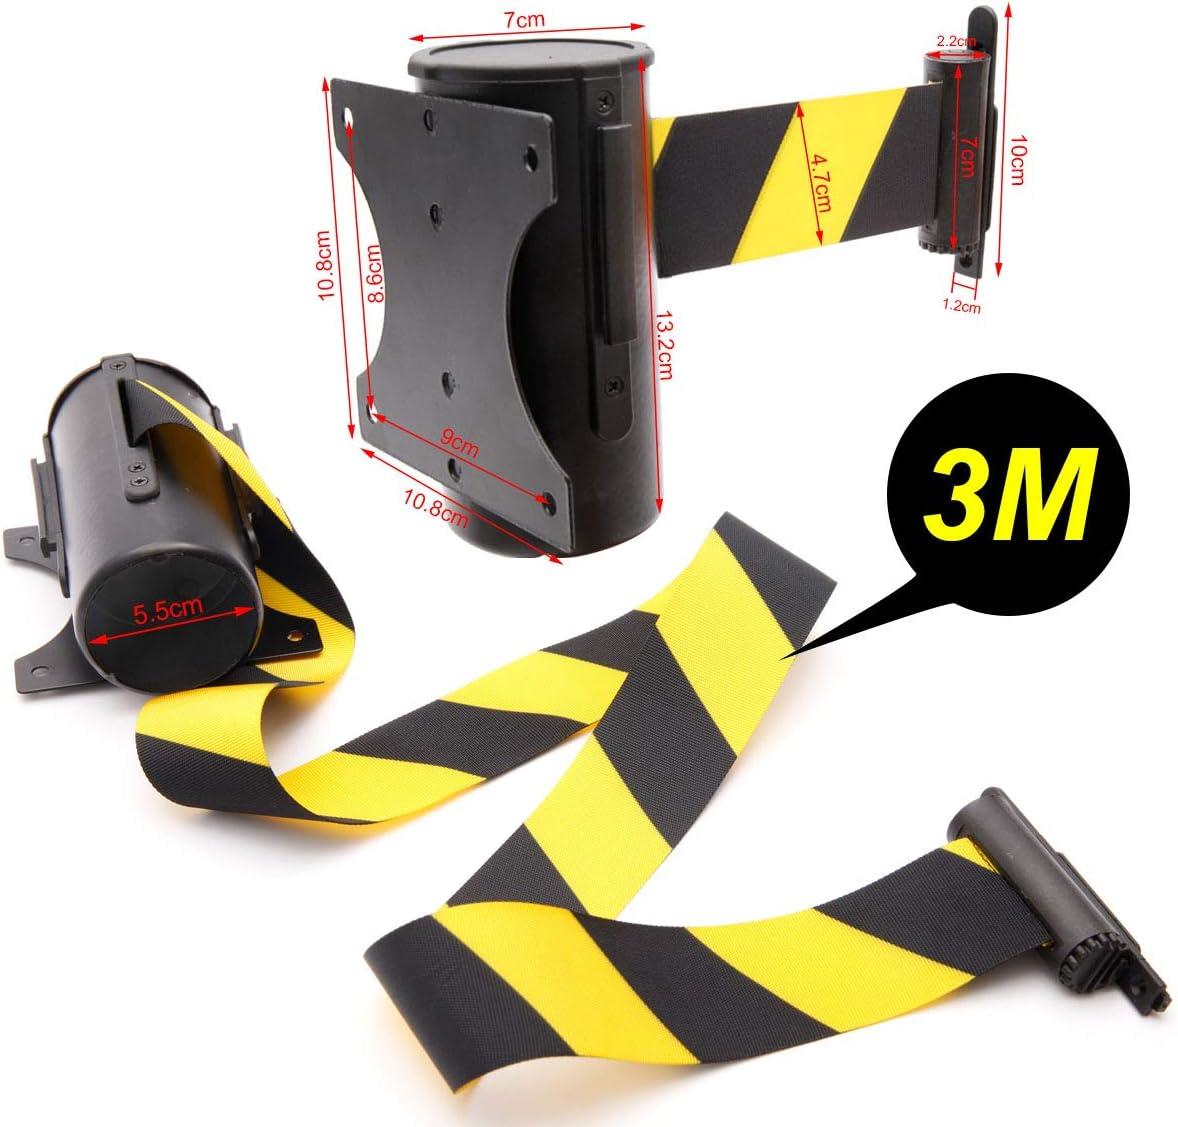 Anladia Sistema de gu/ía personal de 3 m con postes de bloqueo retr/áctiles color amarillo y negro